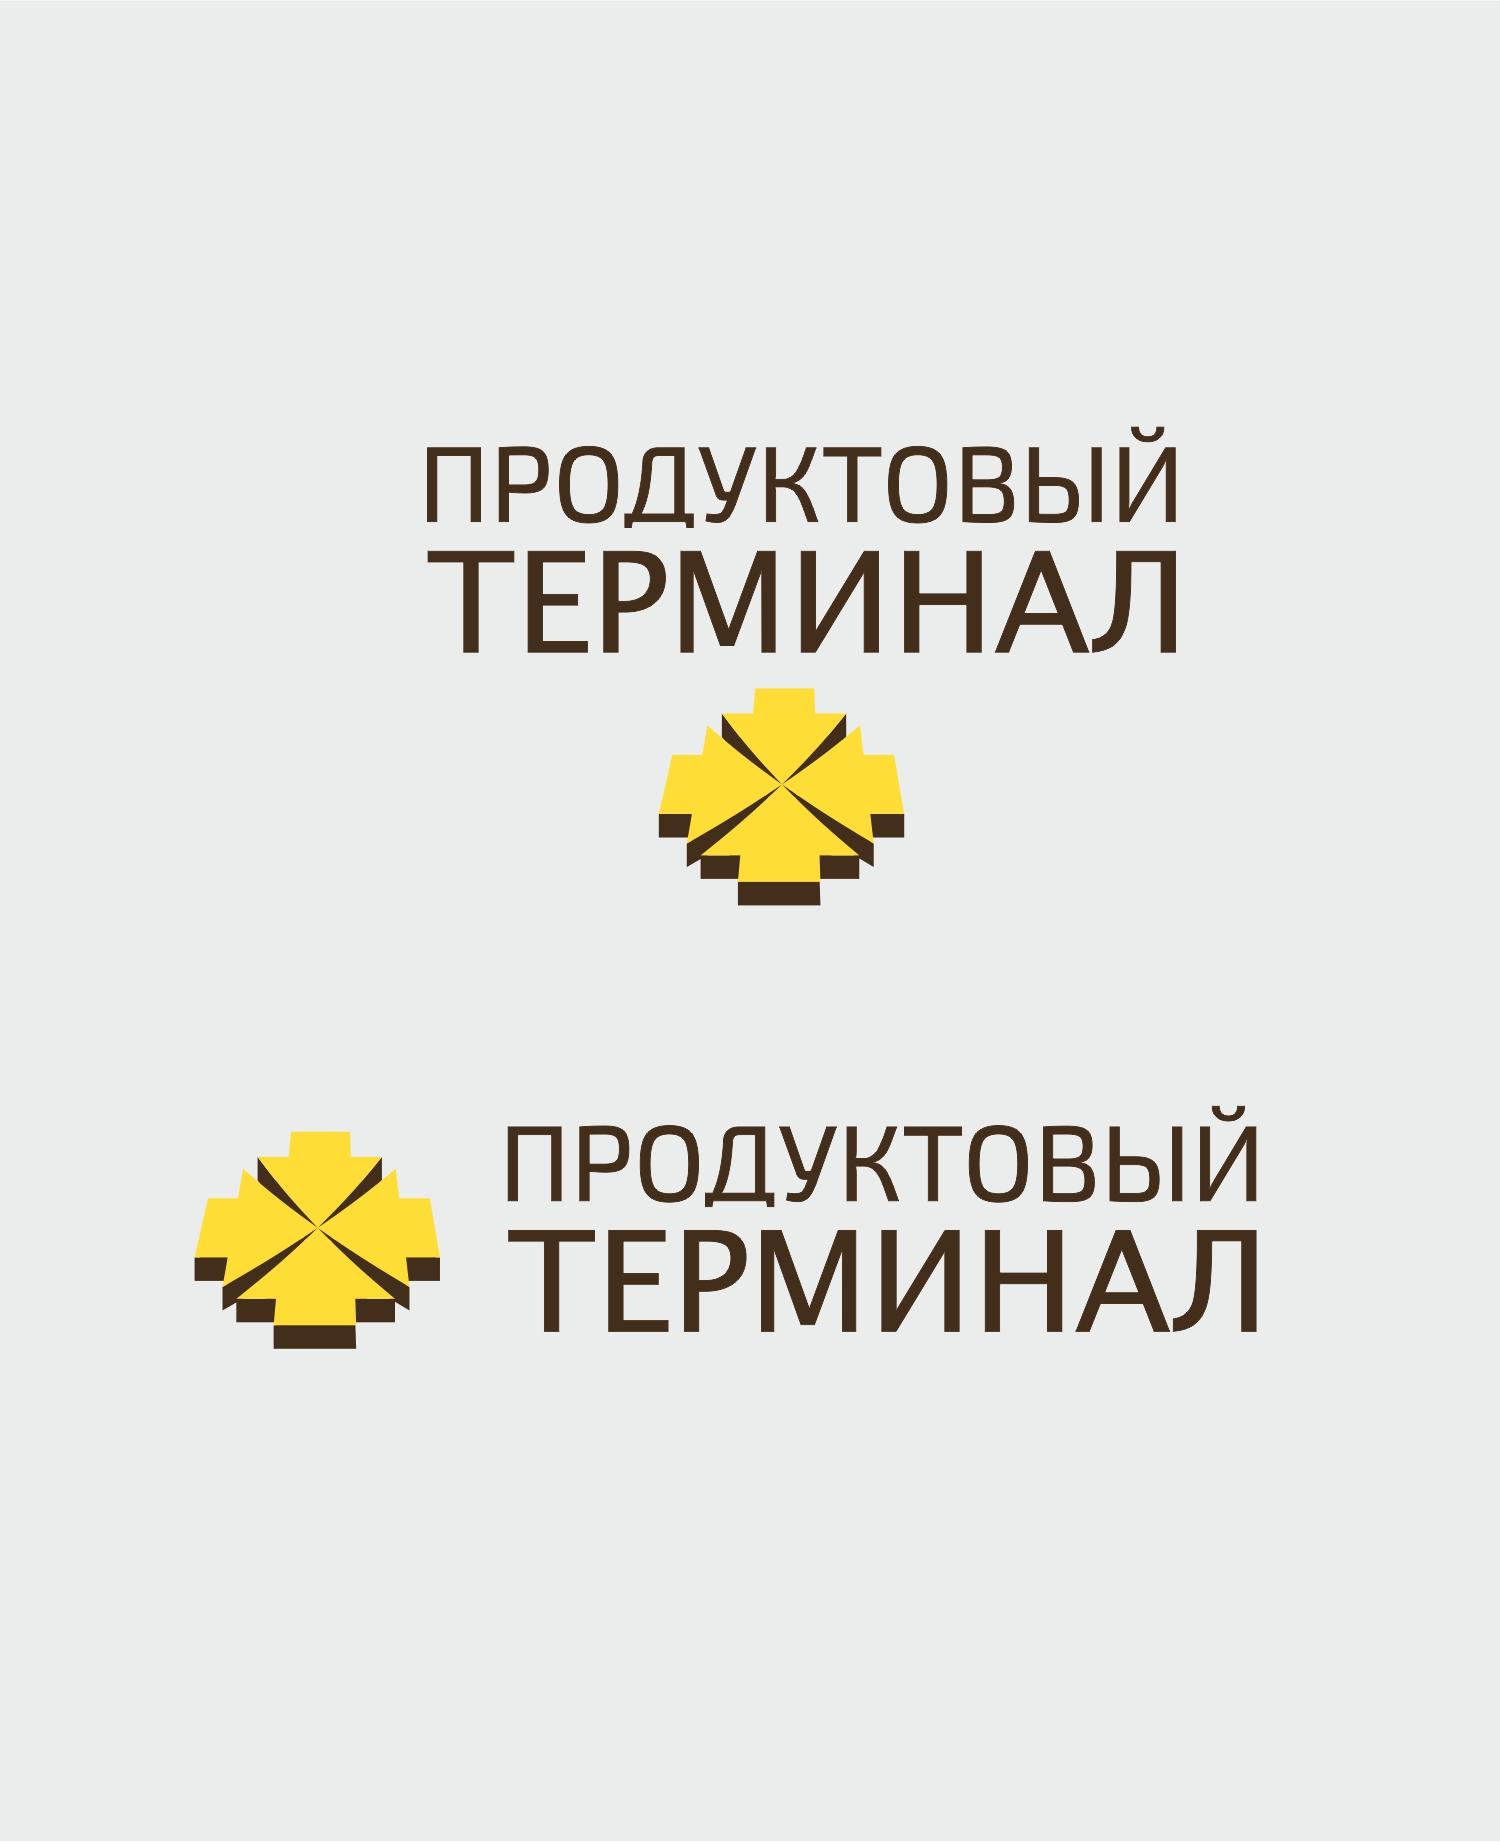 Логотип для сети продуктовых магазинов фото f_93056f910690e62e.jpg